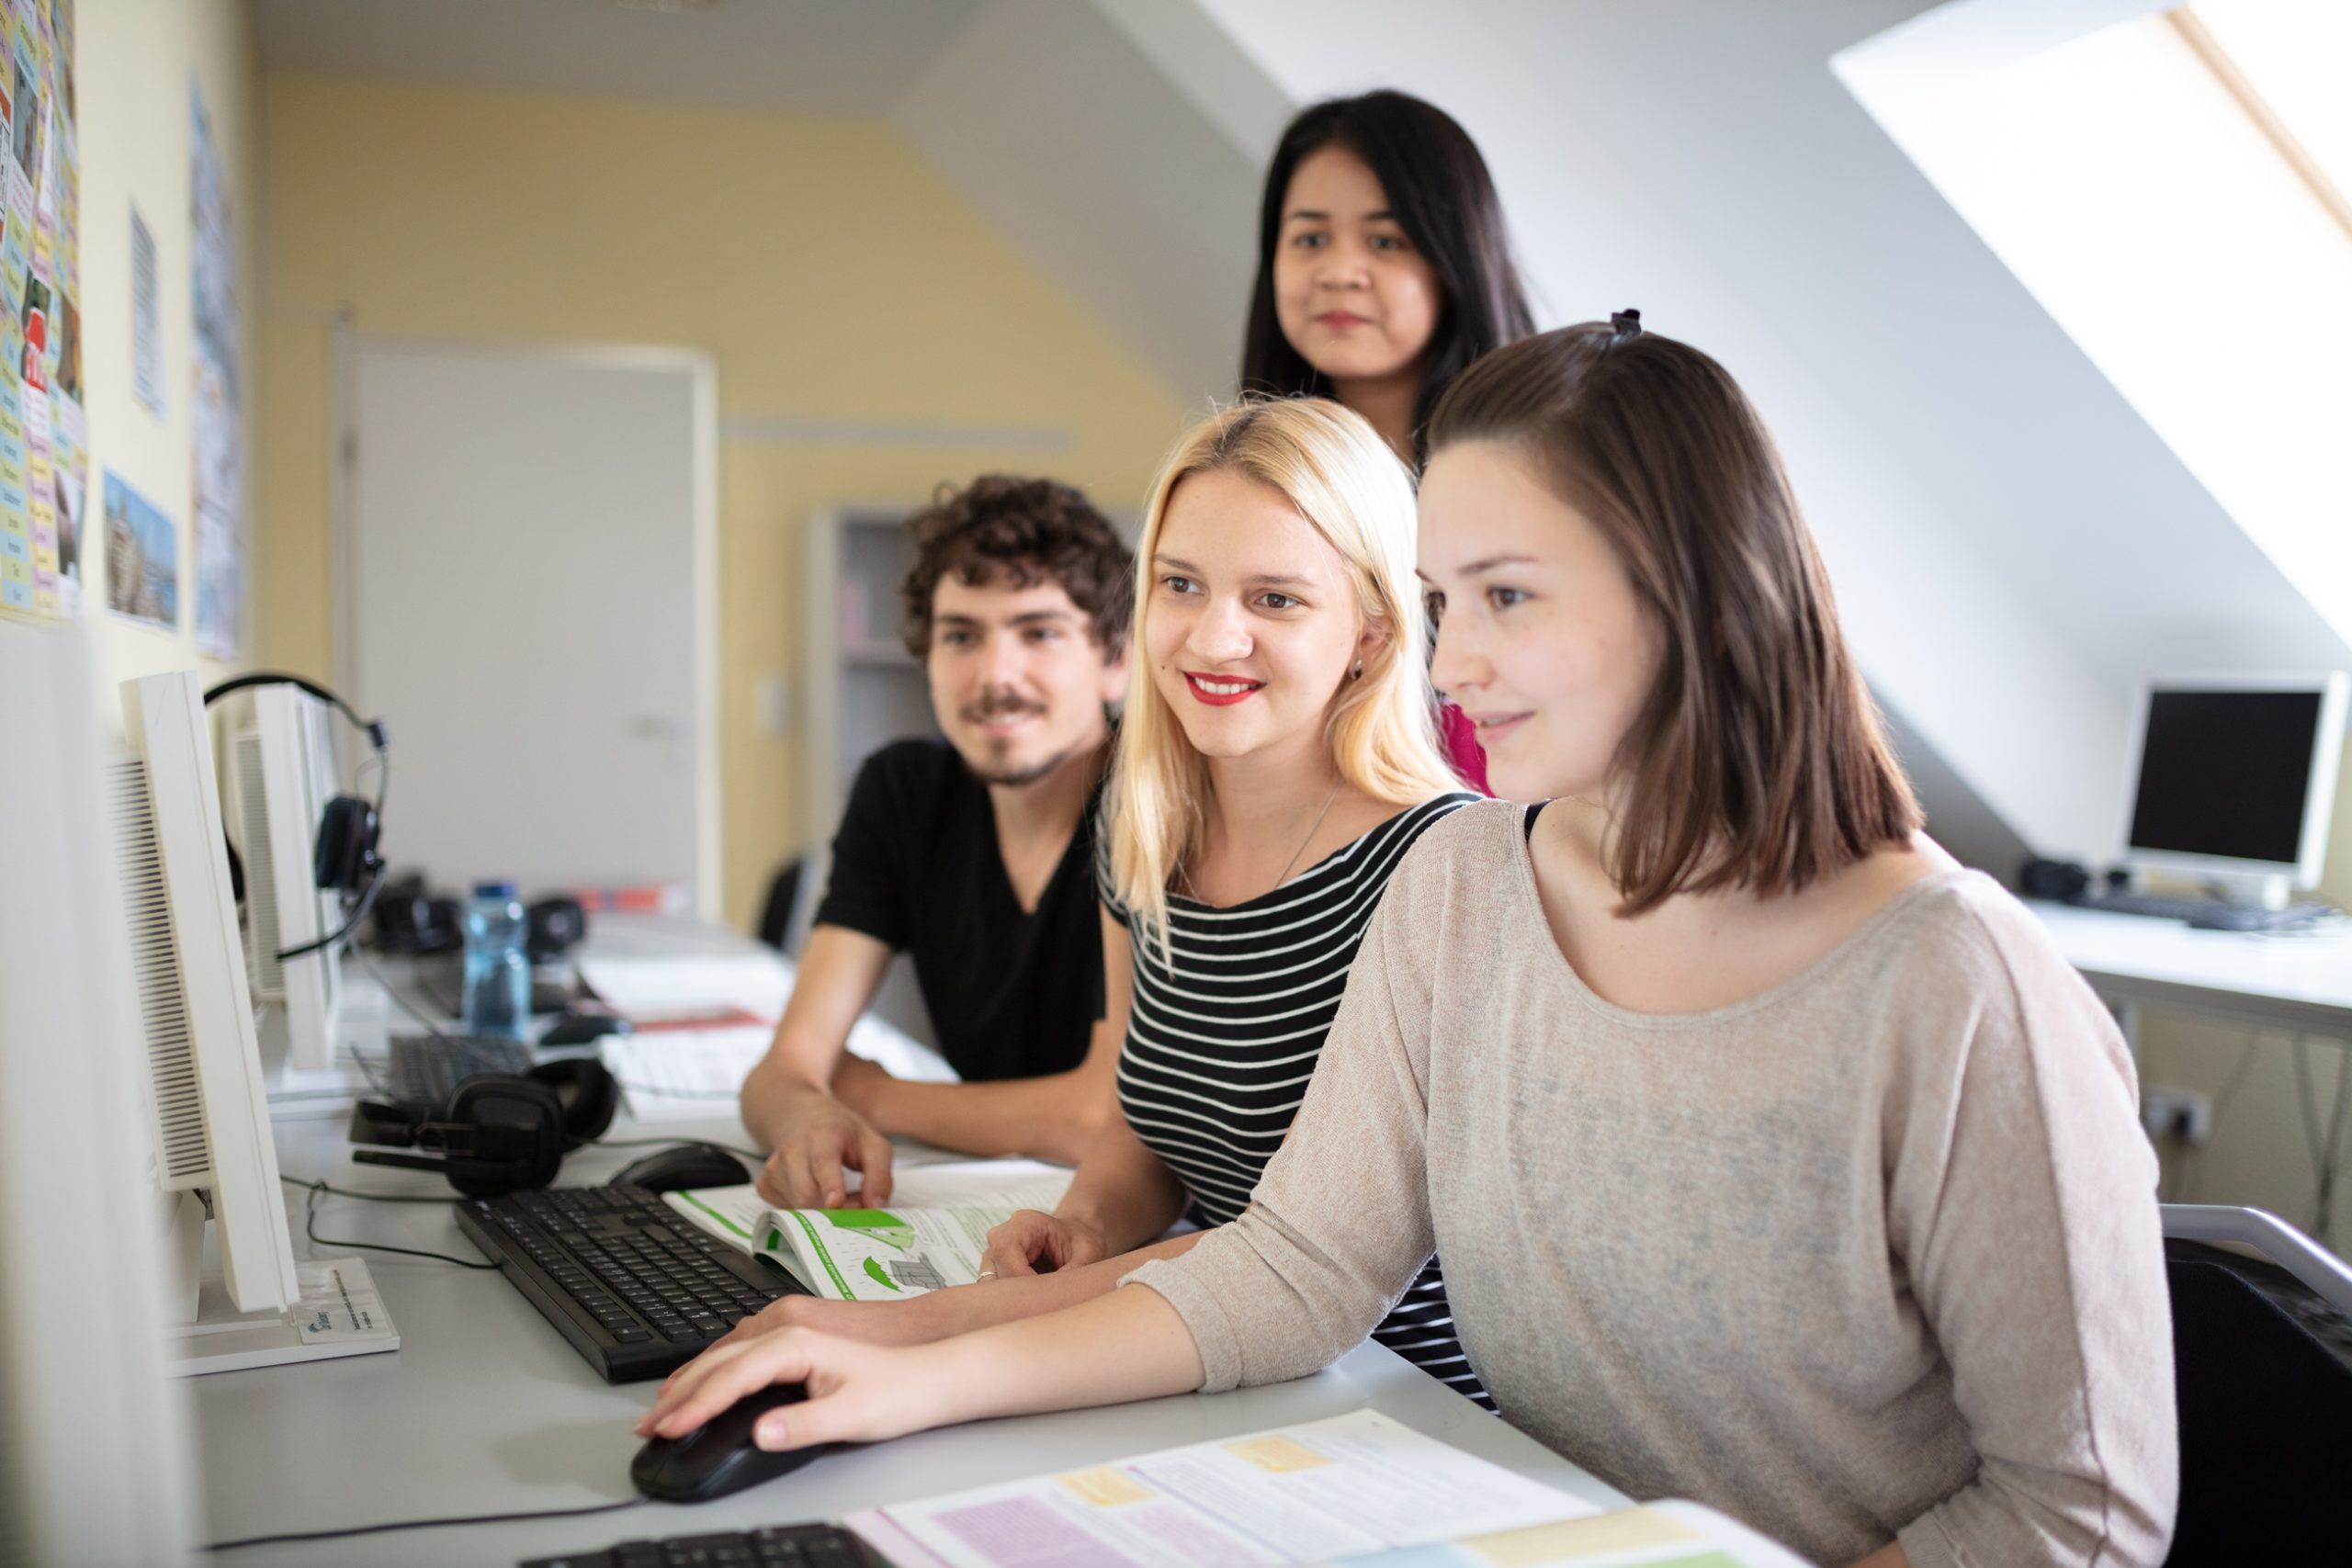 パソコンの前に集まっている生徒